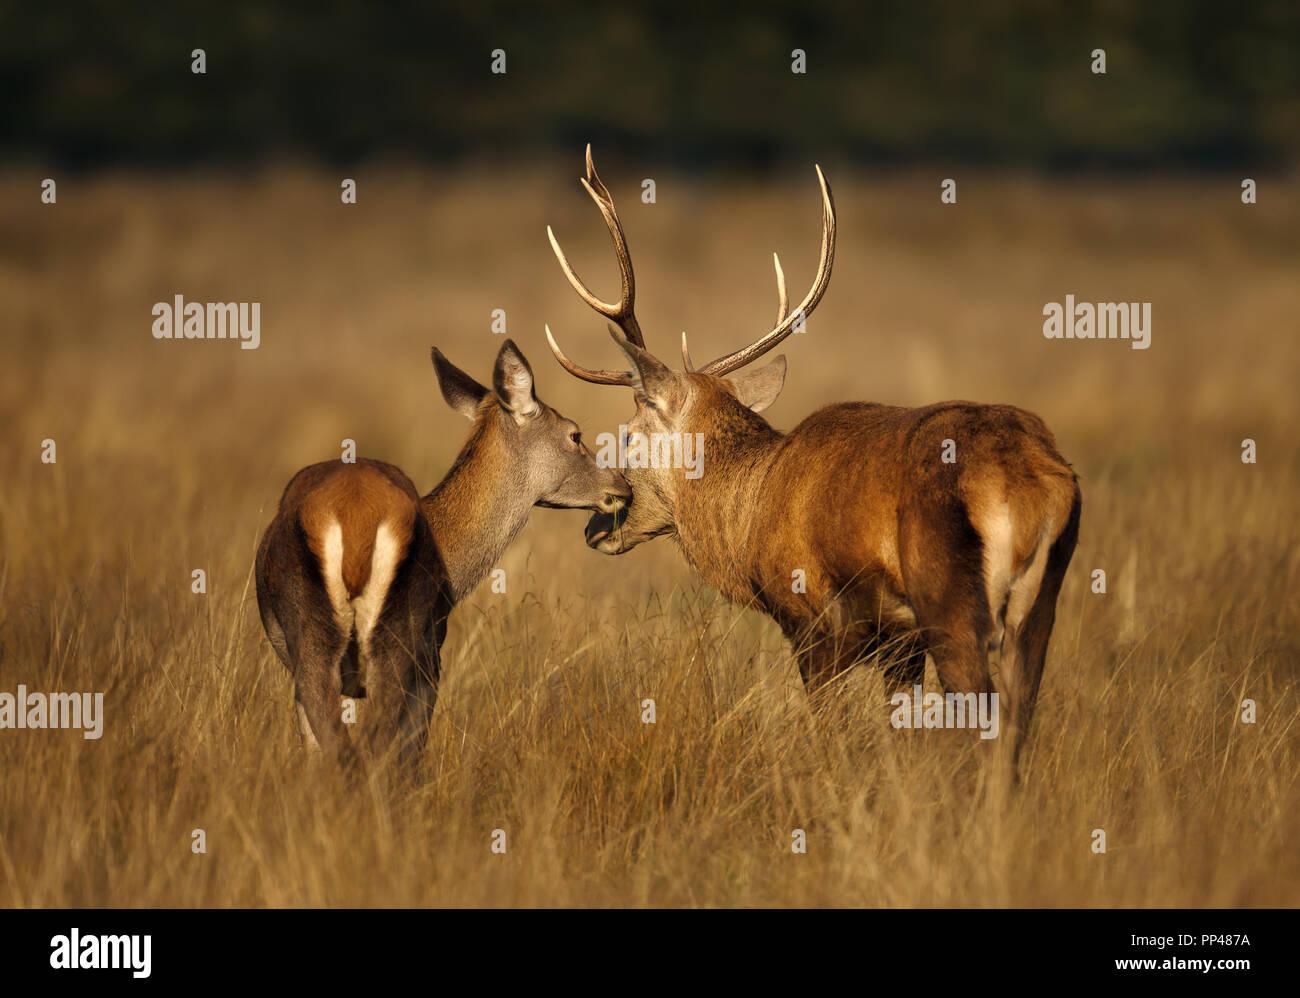 Cierre de un ciervo ciervo con un hind en otoño, Reino Unido. Imagen De Stock